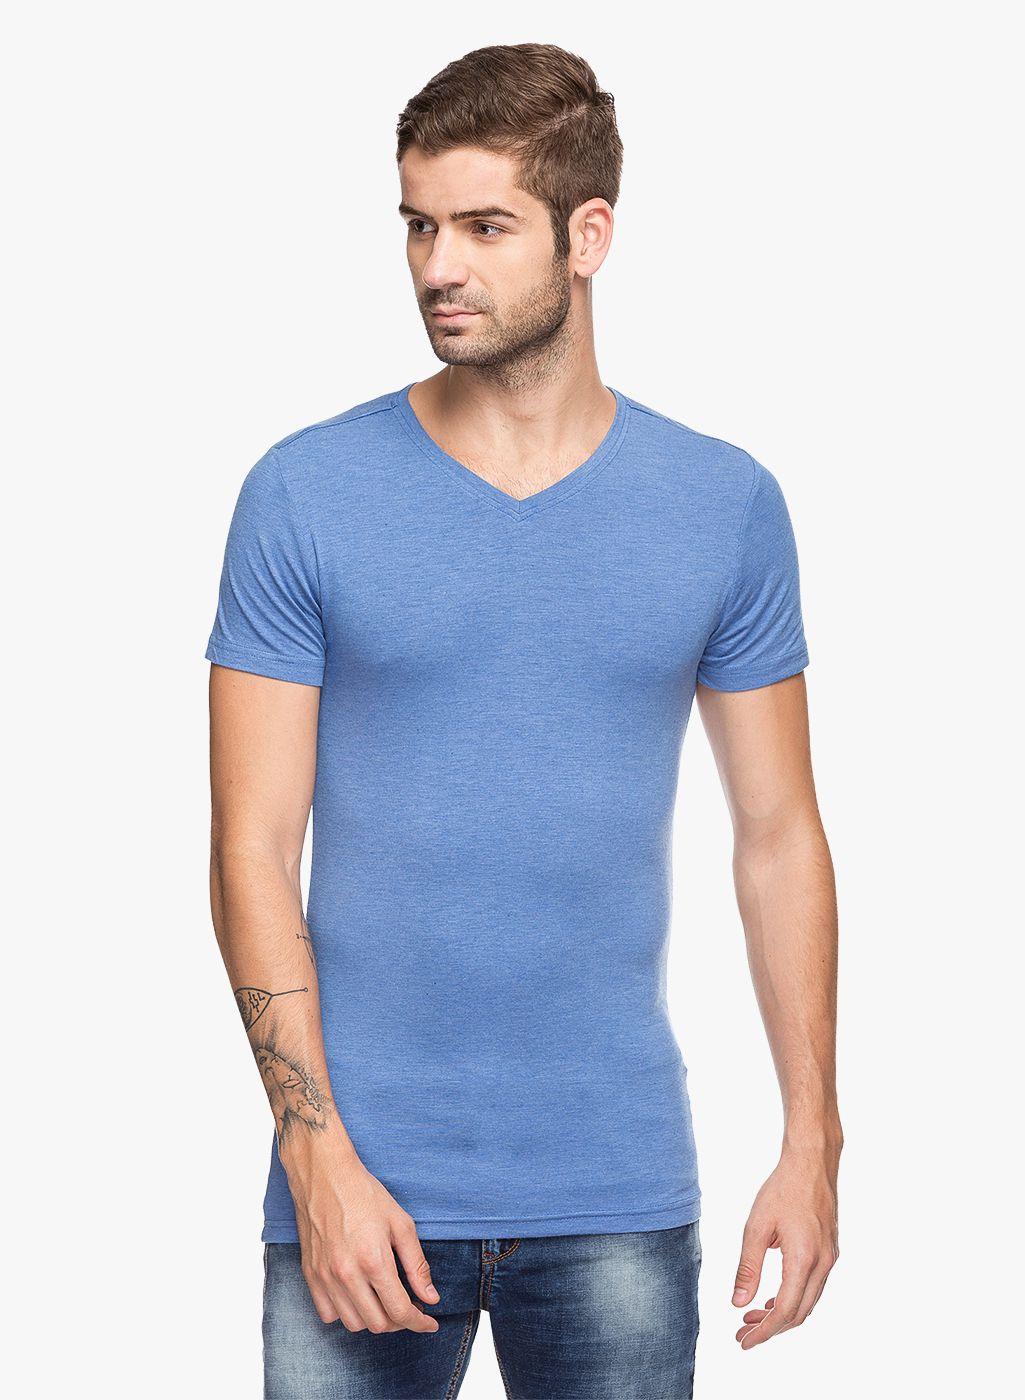 Status Quo Blue V-Neck T-Shirt Pack of 1